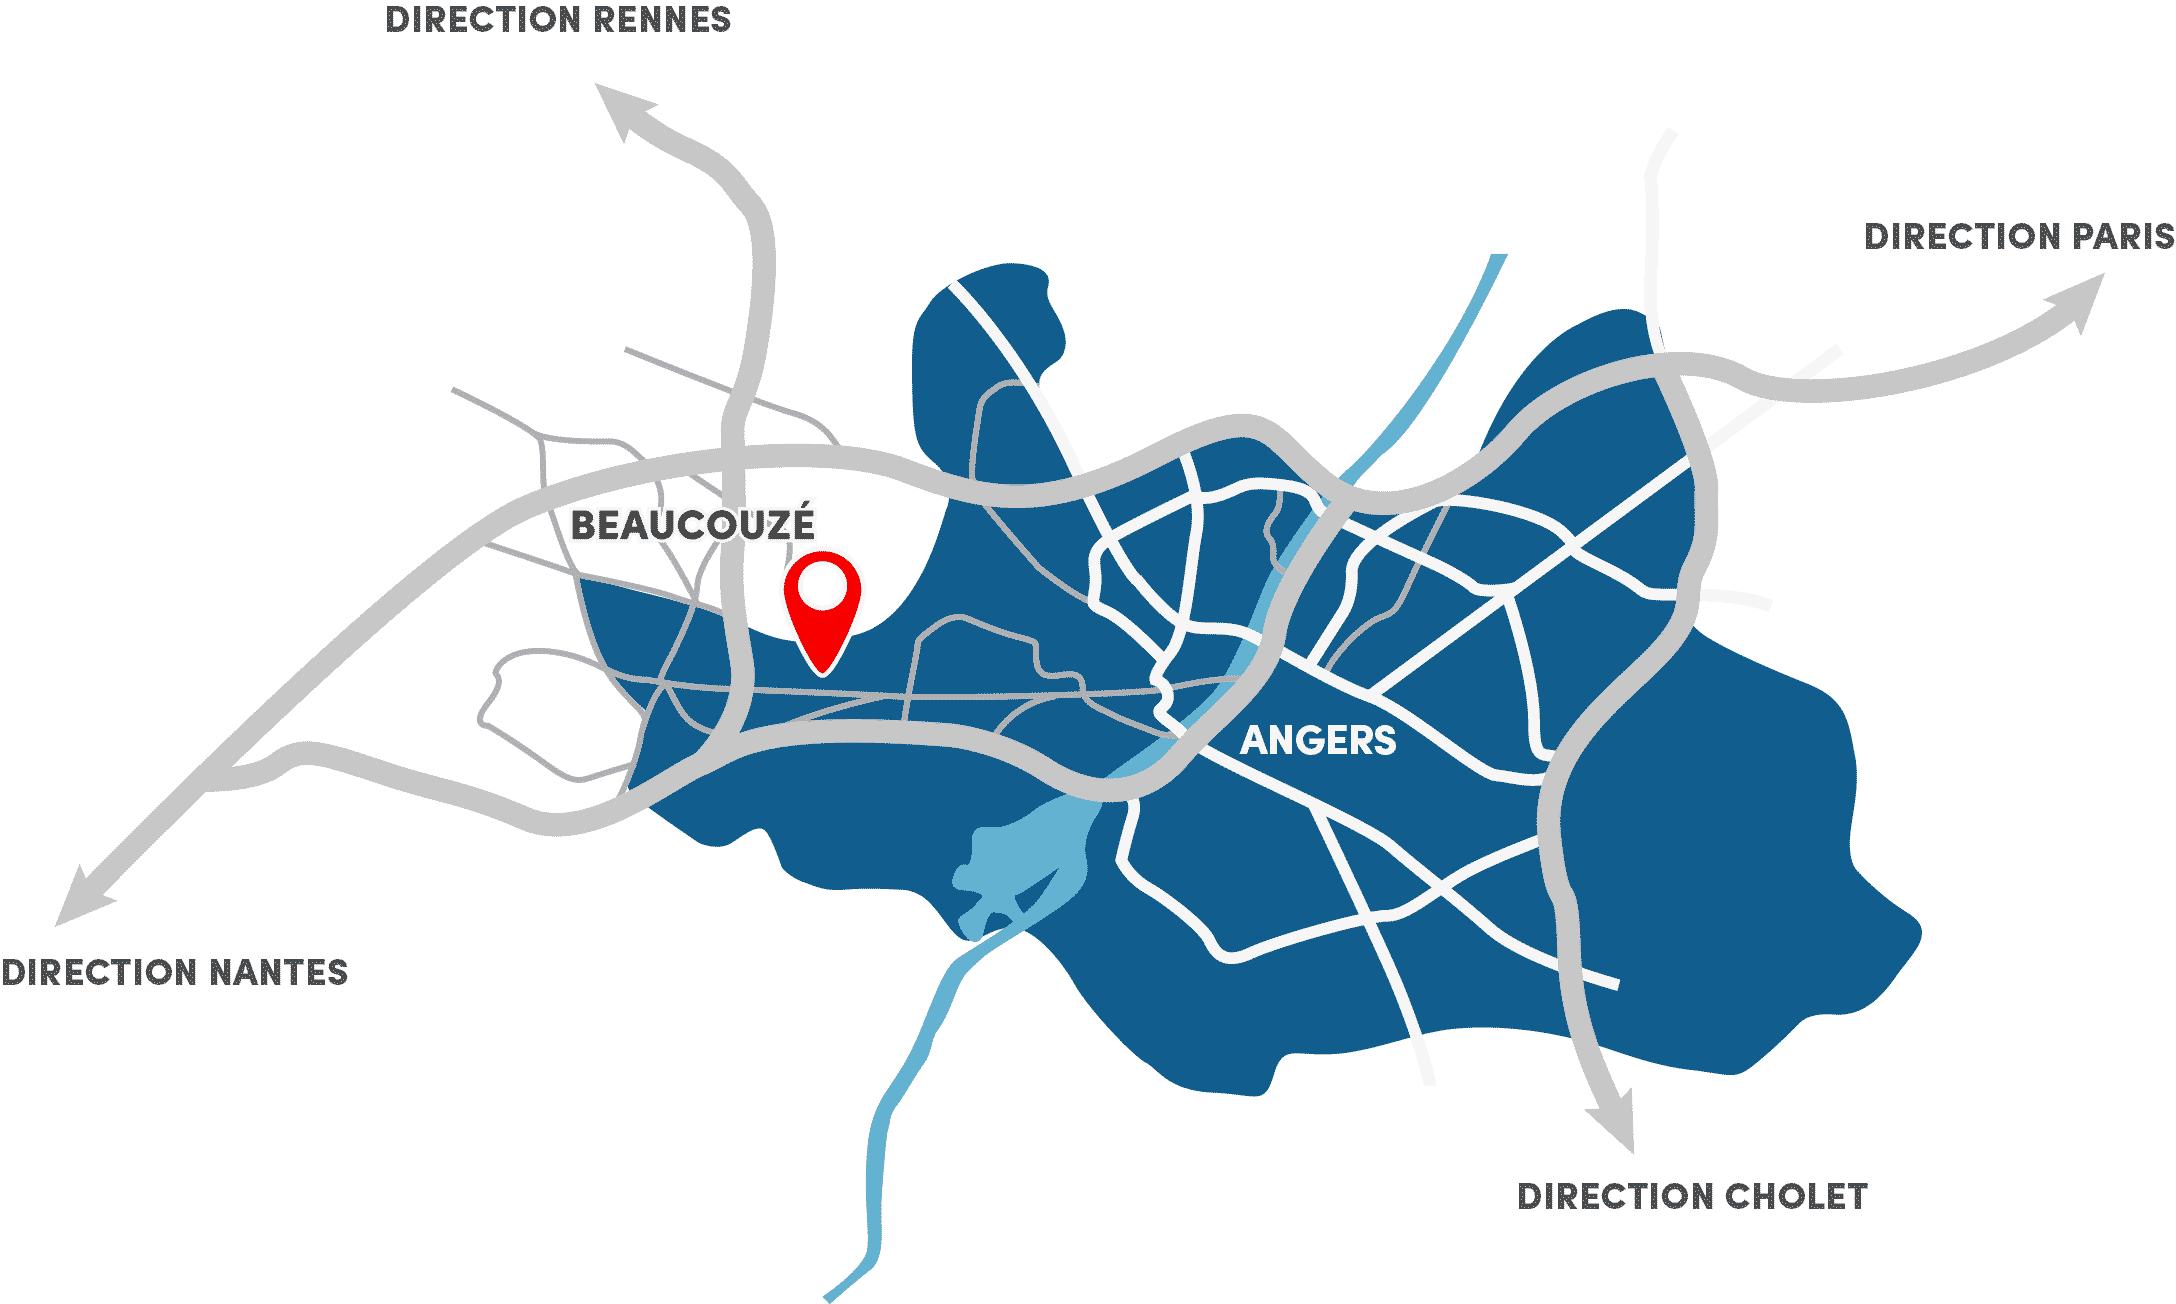 Actech innovation - actech innovation - angers - Bureau d'études en ingénierie mécanique - Bureau d'études Angers - poste d'ingénieur - recherche et développement